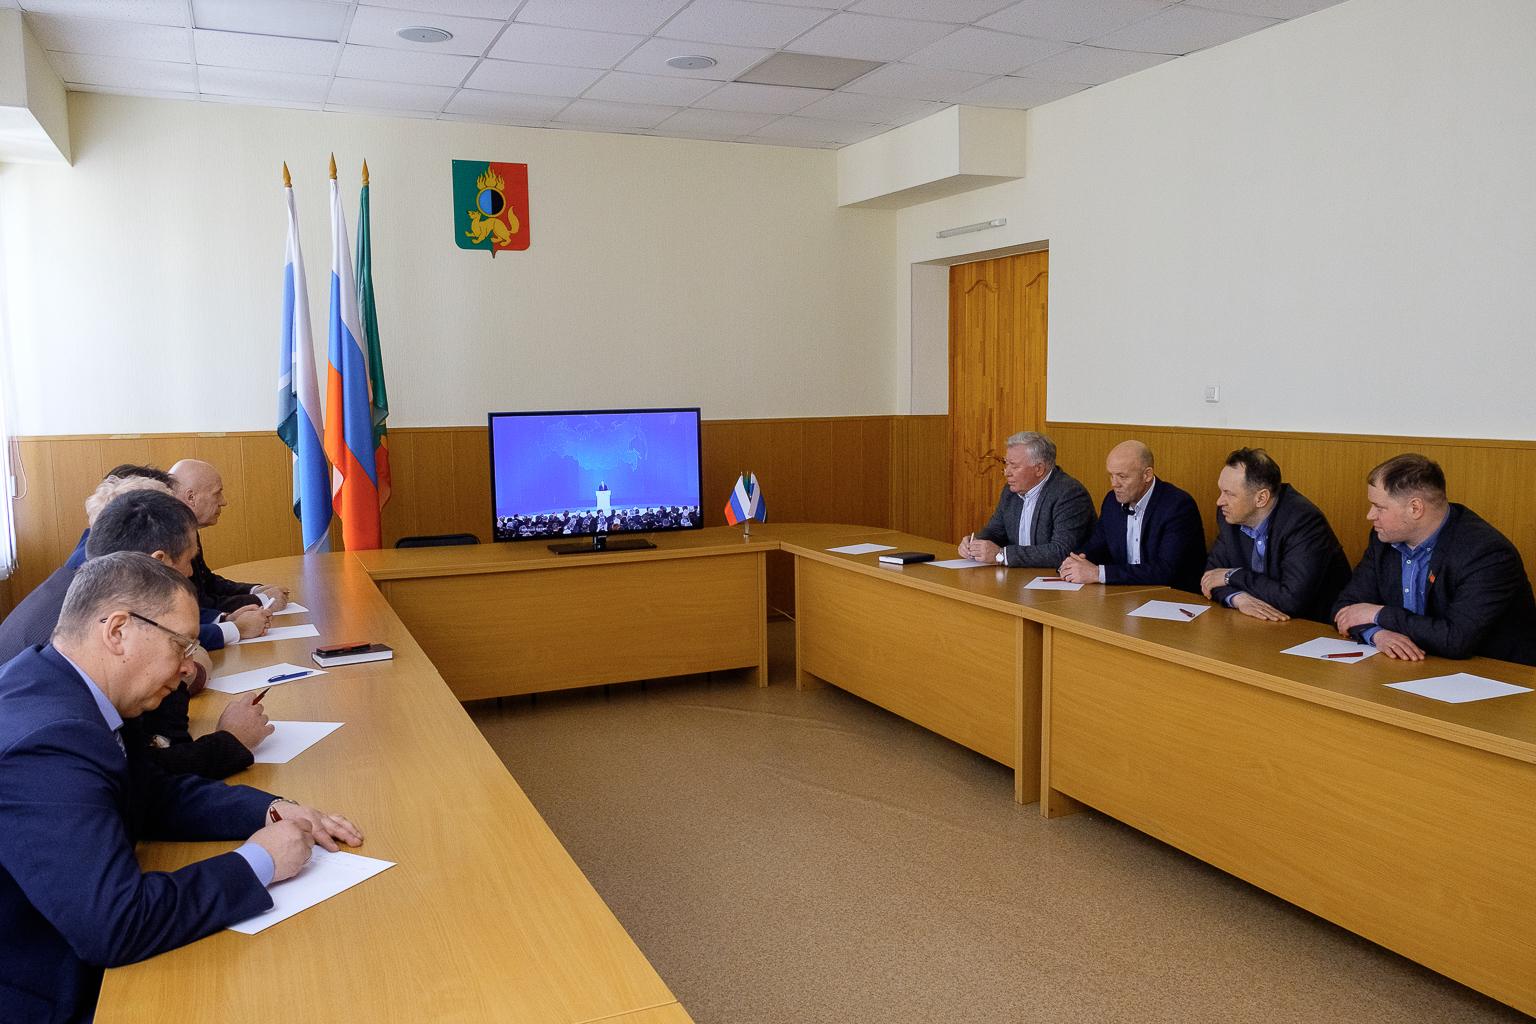 Депутаты обсудили Послание Президента Федеральному Собранию